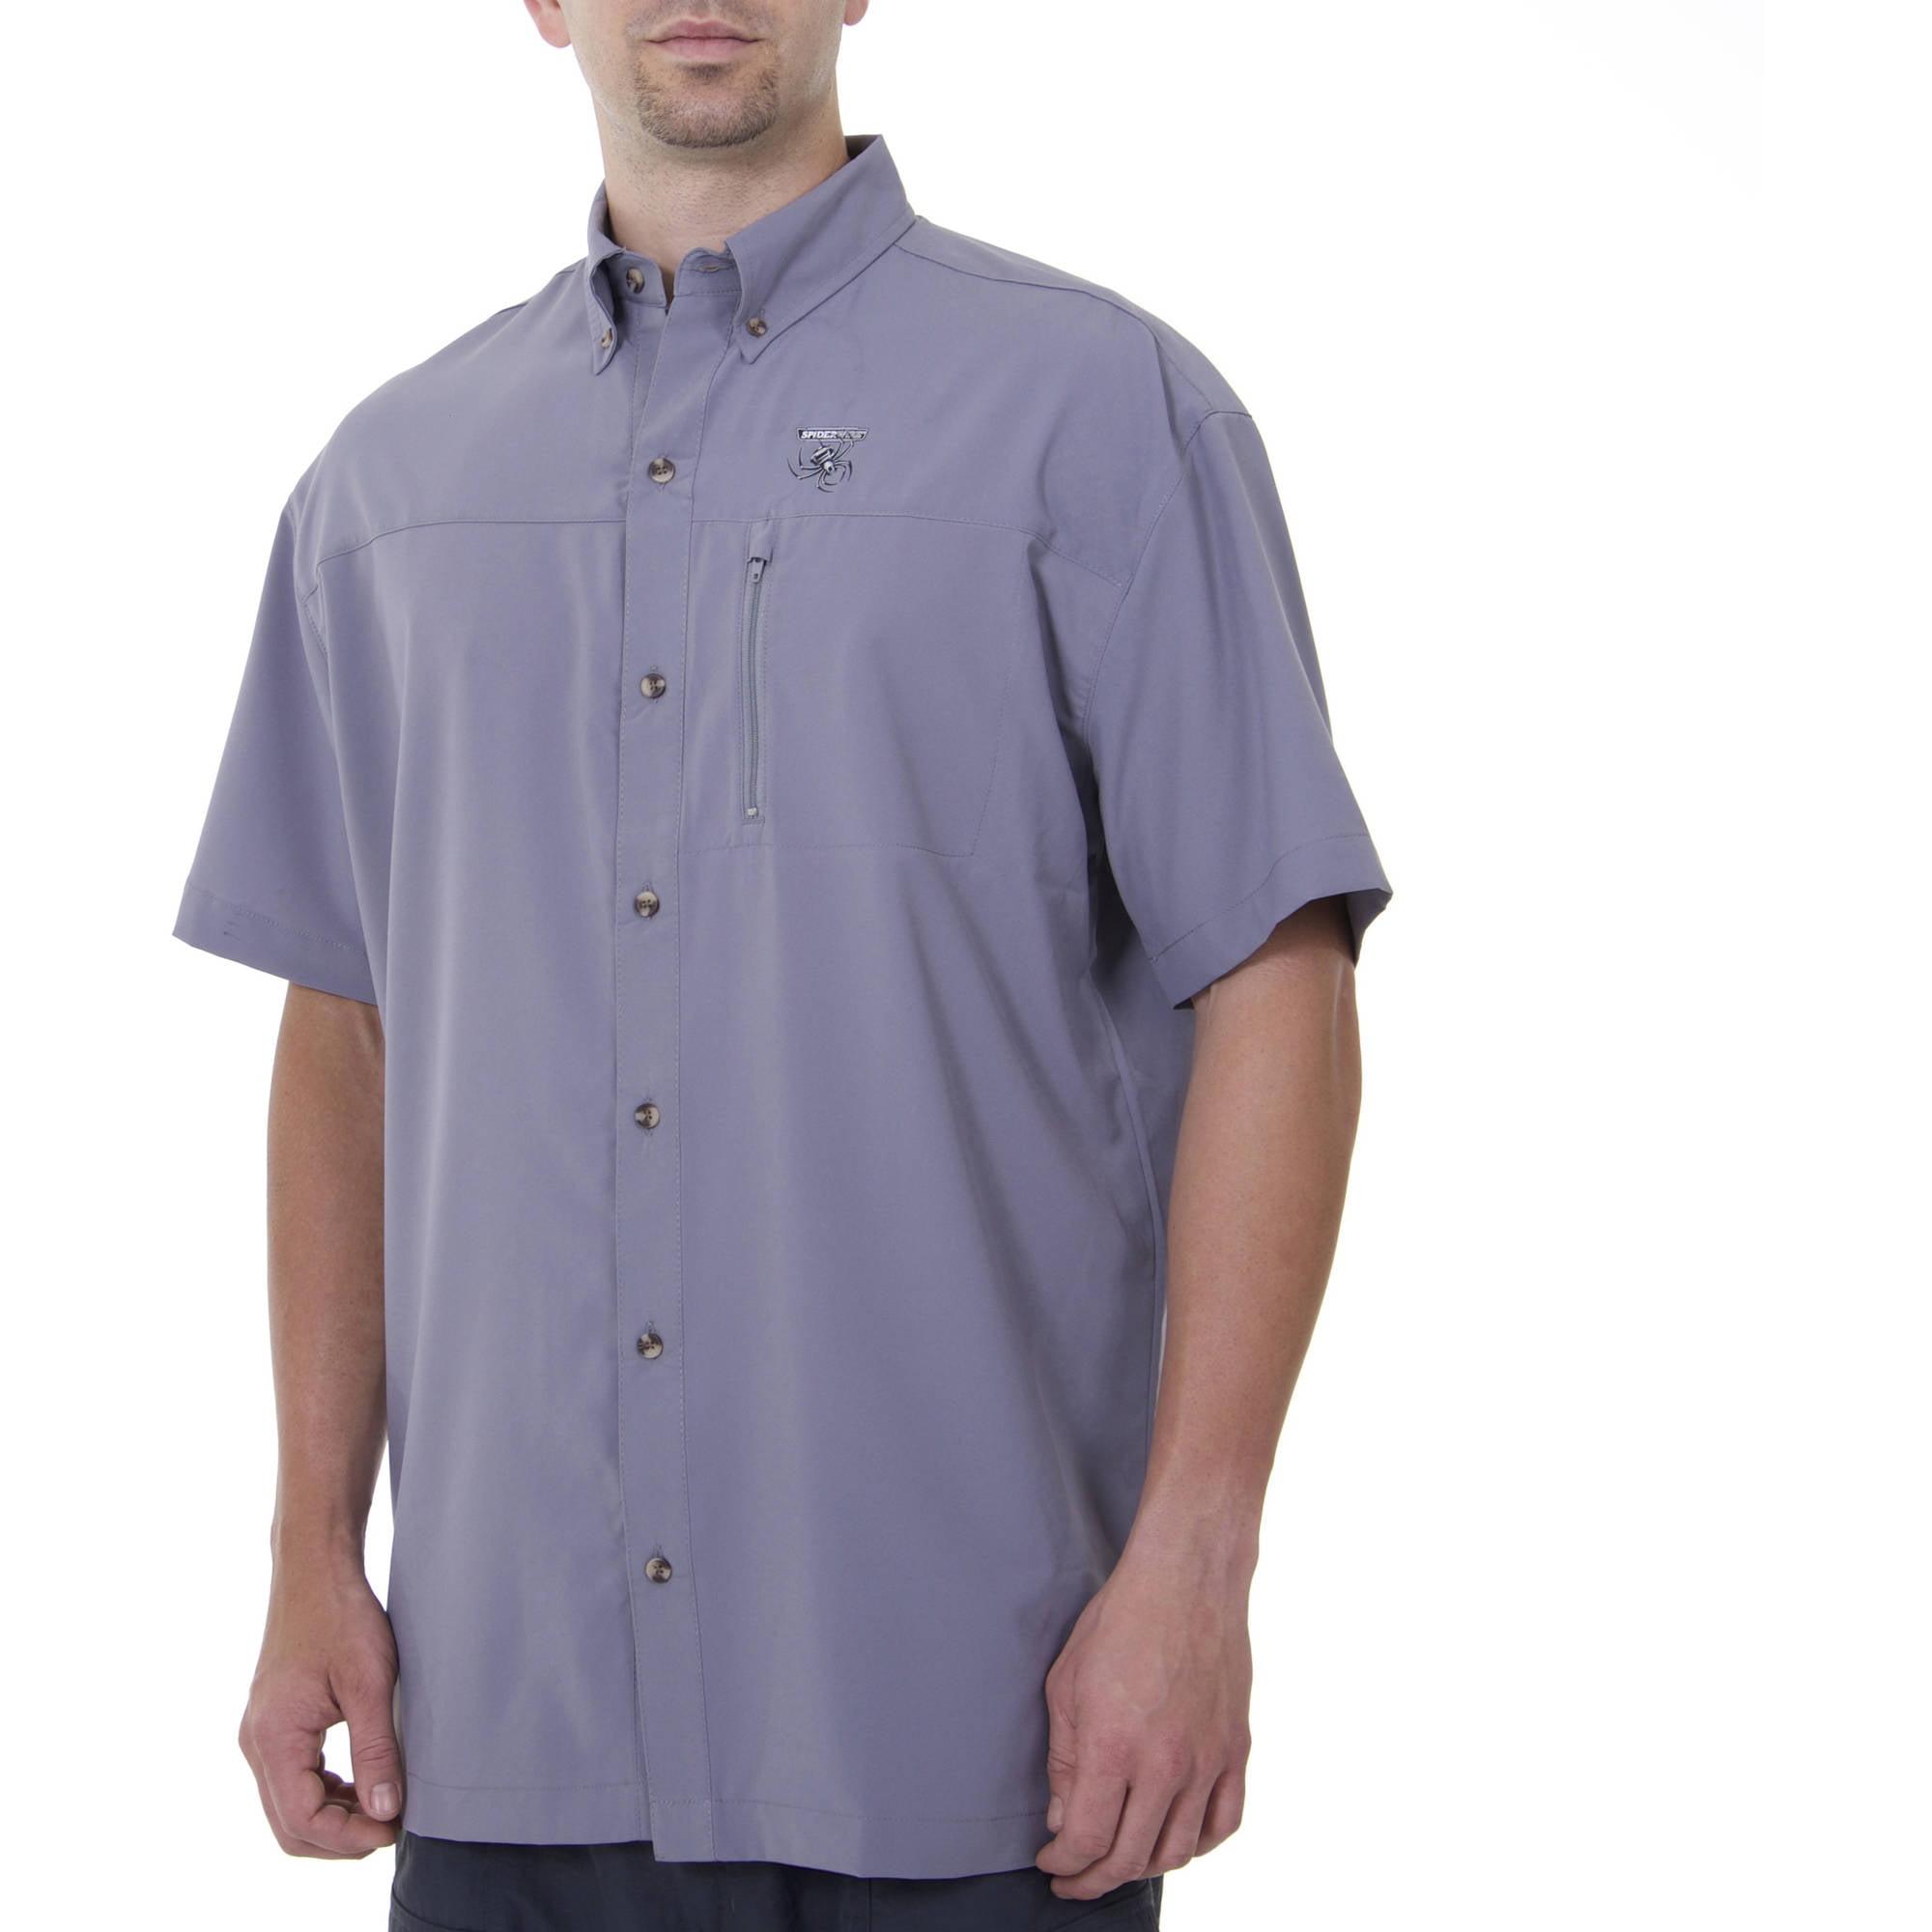 882644ae29fe0 Walls Workwear Shirts